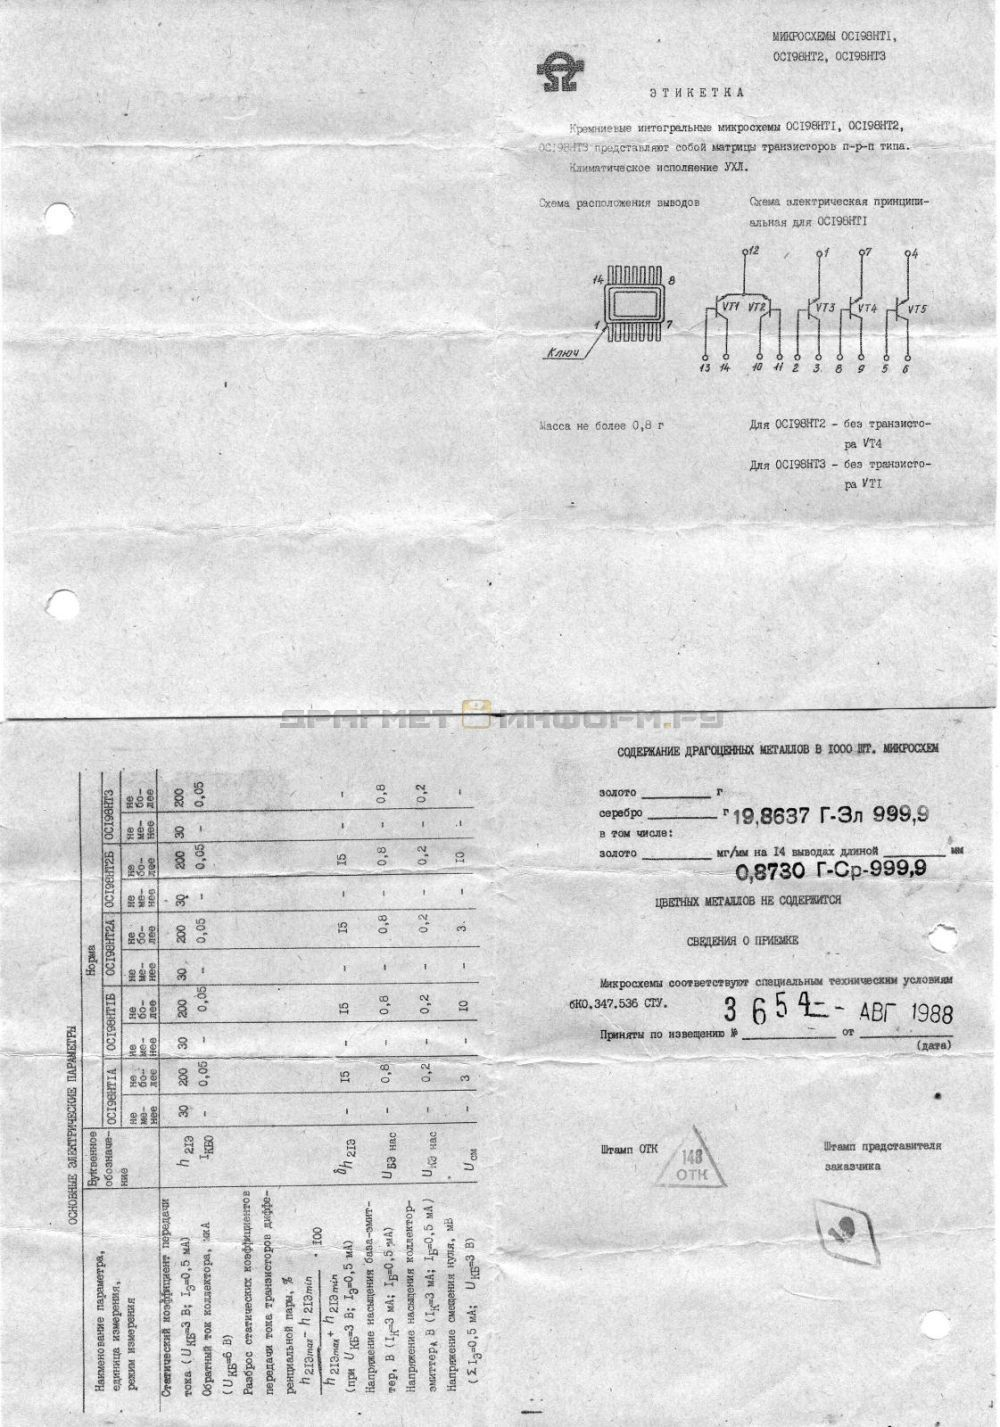 Формуляр ОС198НТ3